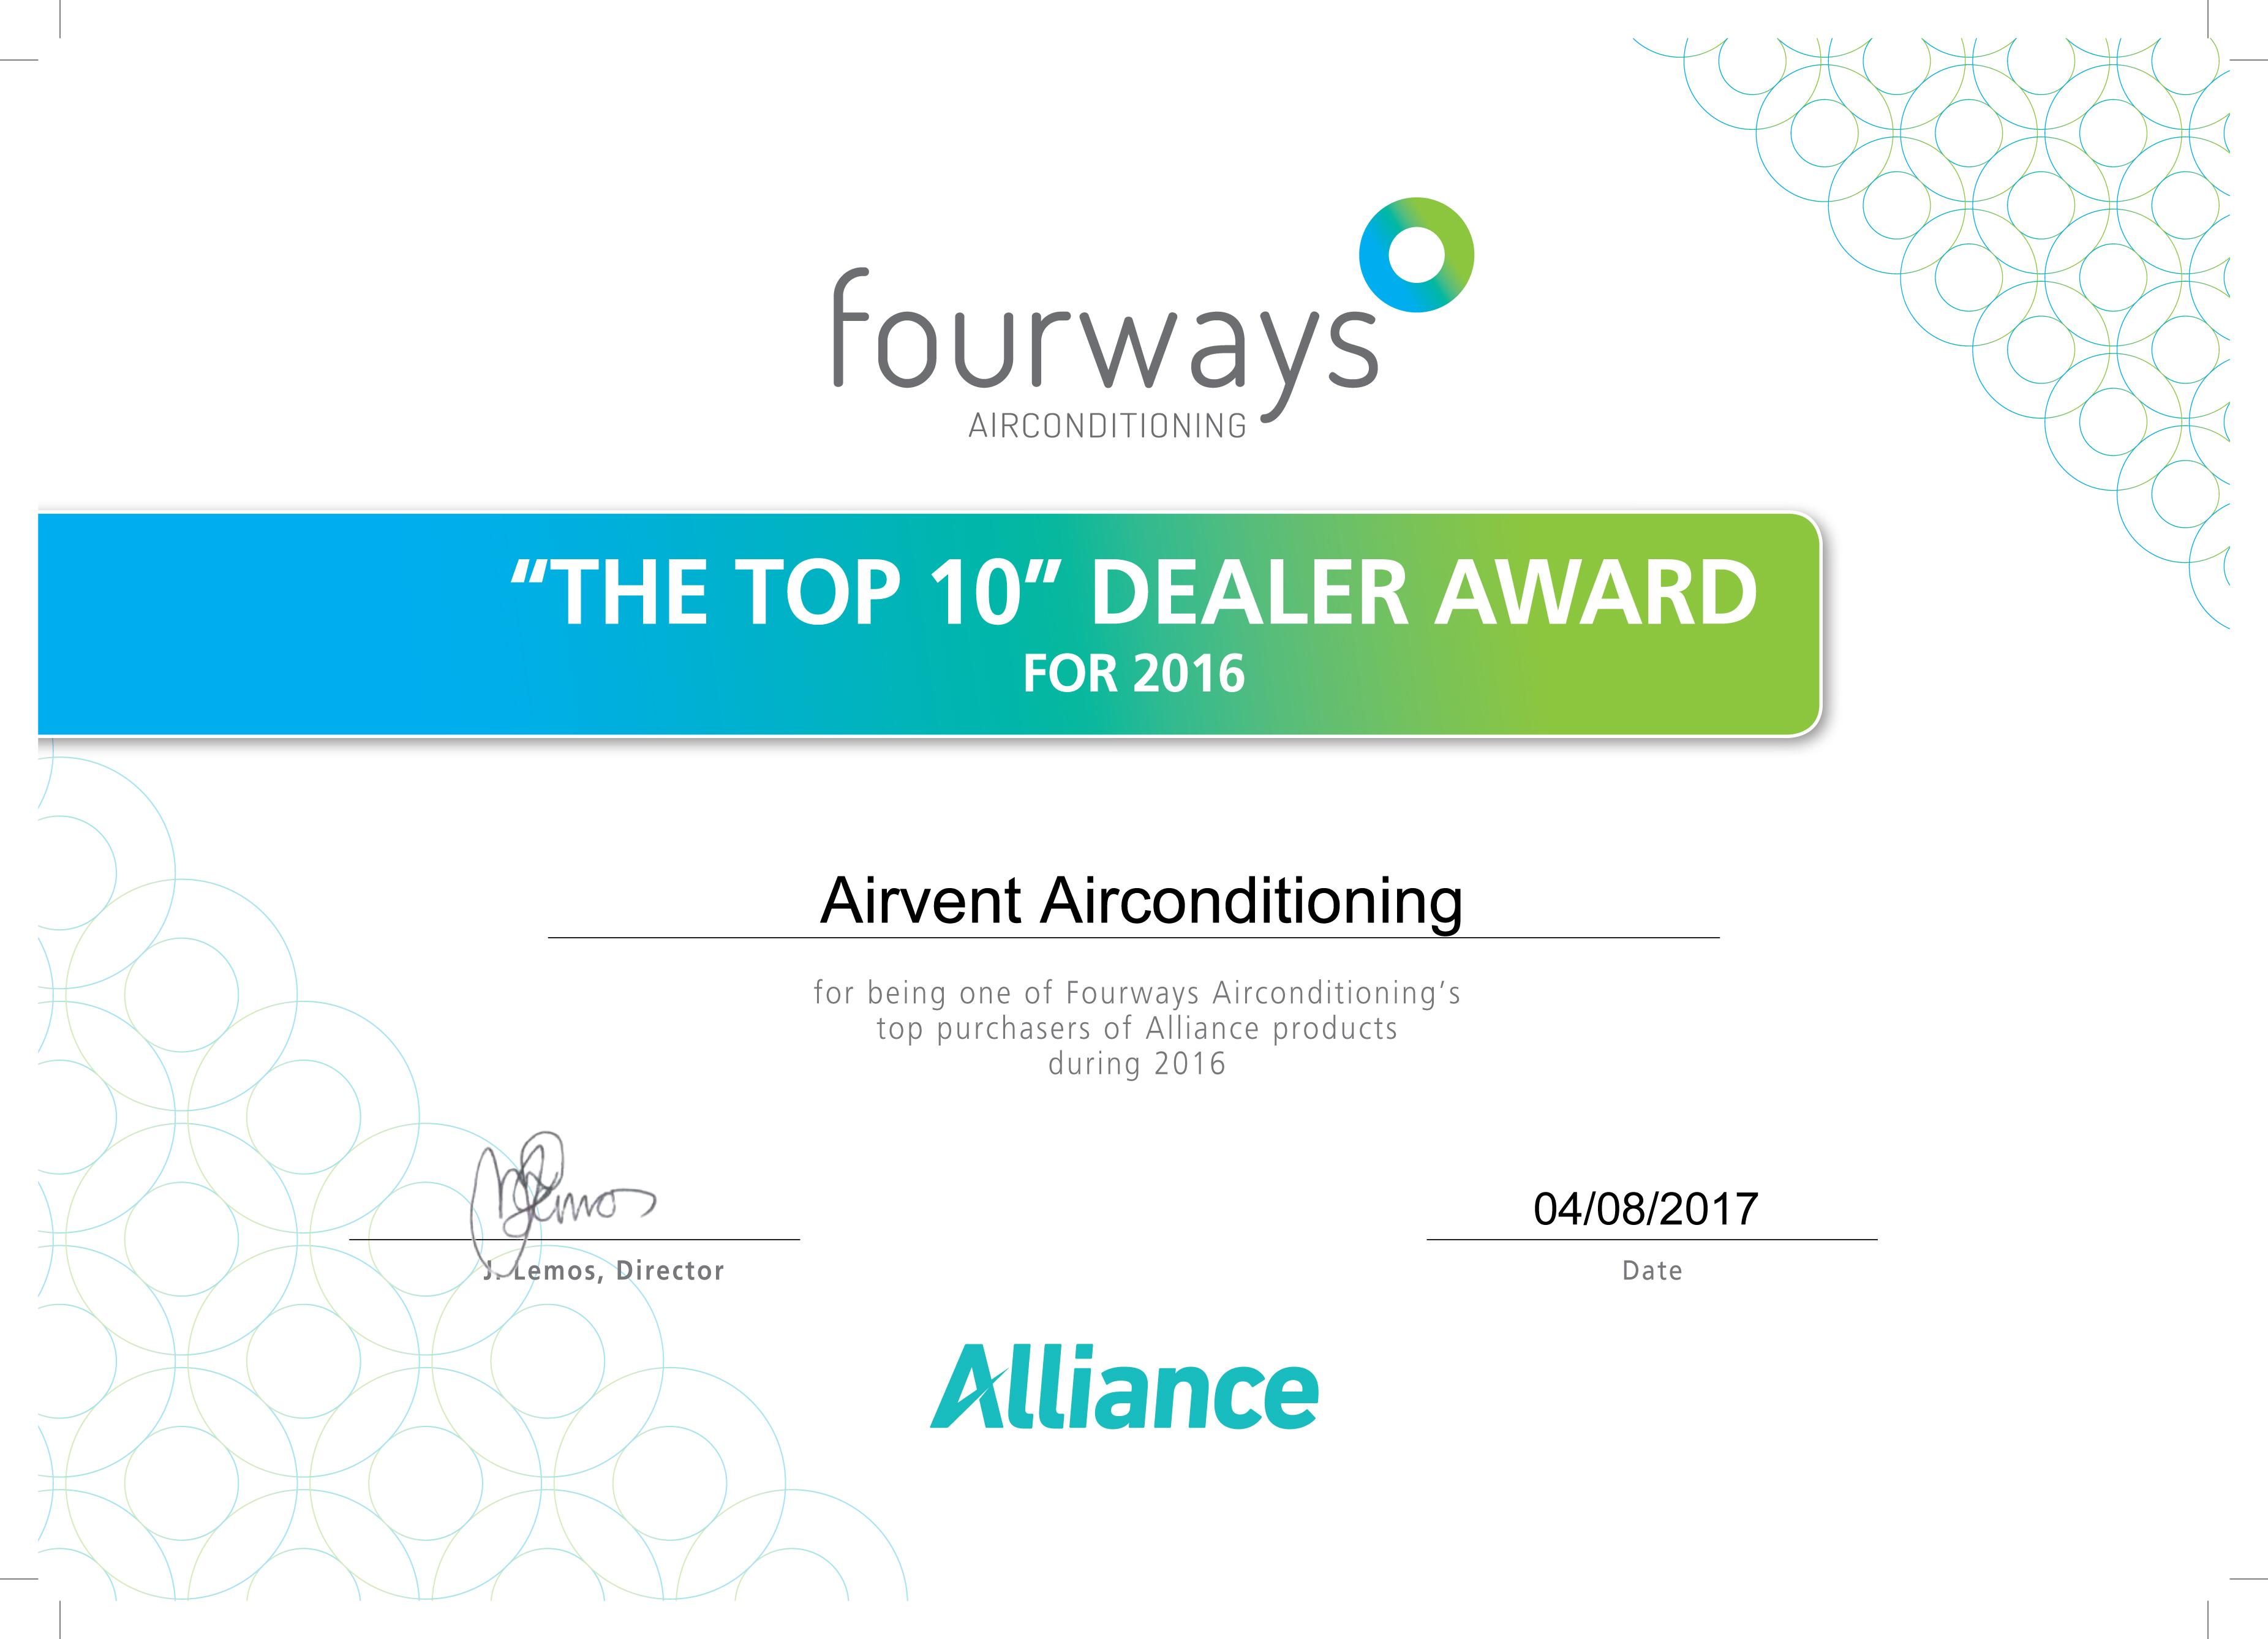 Alliance Top 10 Dealer Award 2016